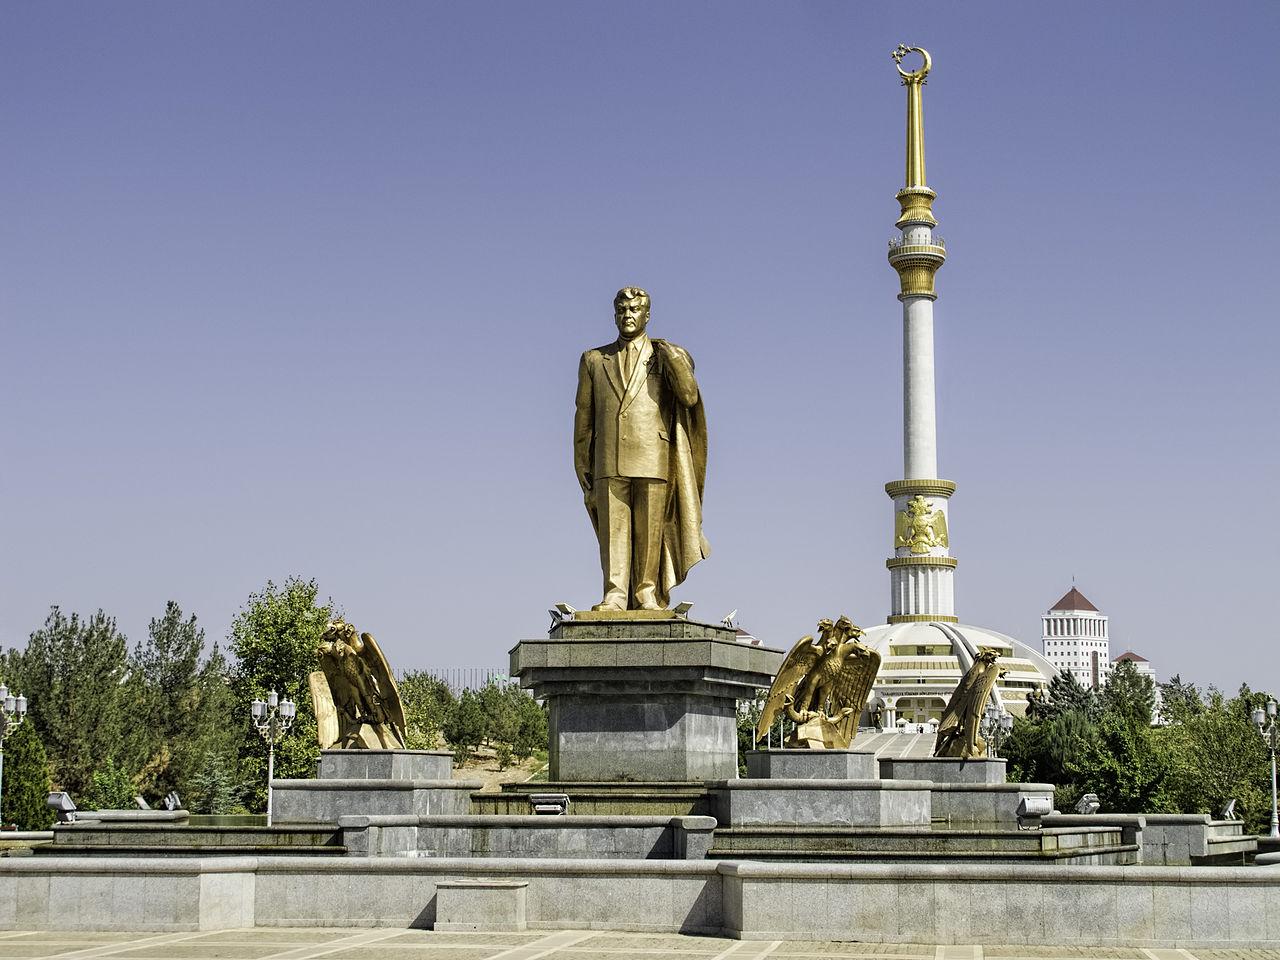 Golden Statue of Niyazov, Turkmenistan, Ashgabad, Dan Lundberg